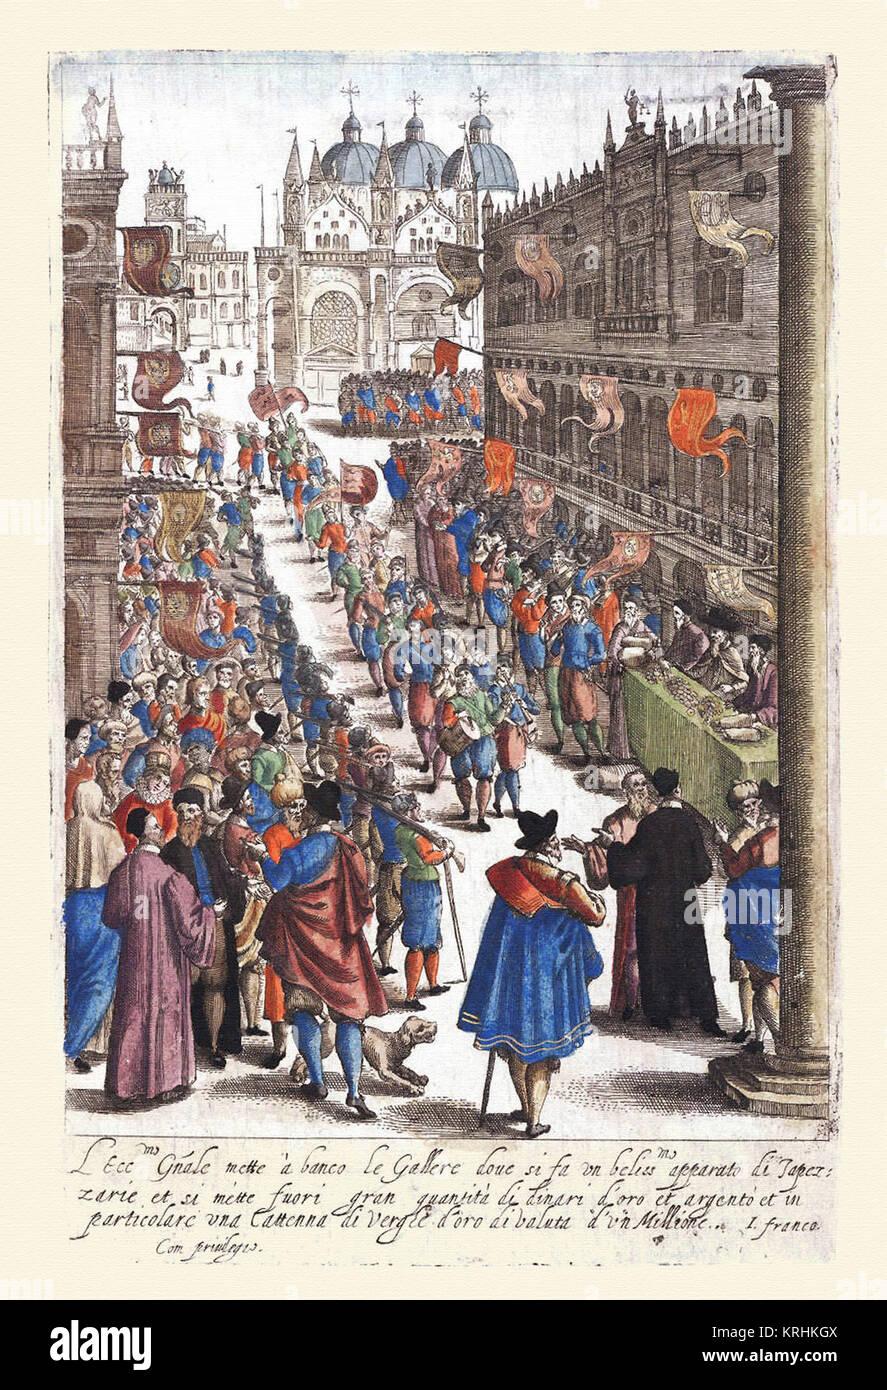 Desfile & fiesta veneciana-Habiti d'hvomeni et donne venetiane 1609 Immagini Stock